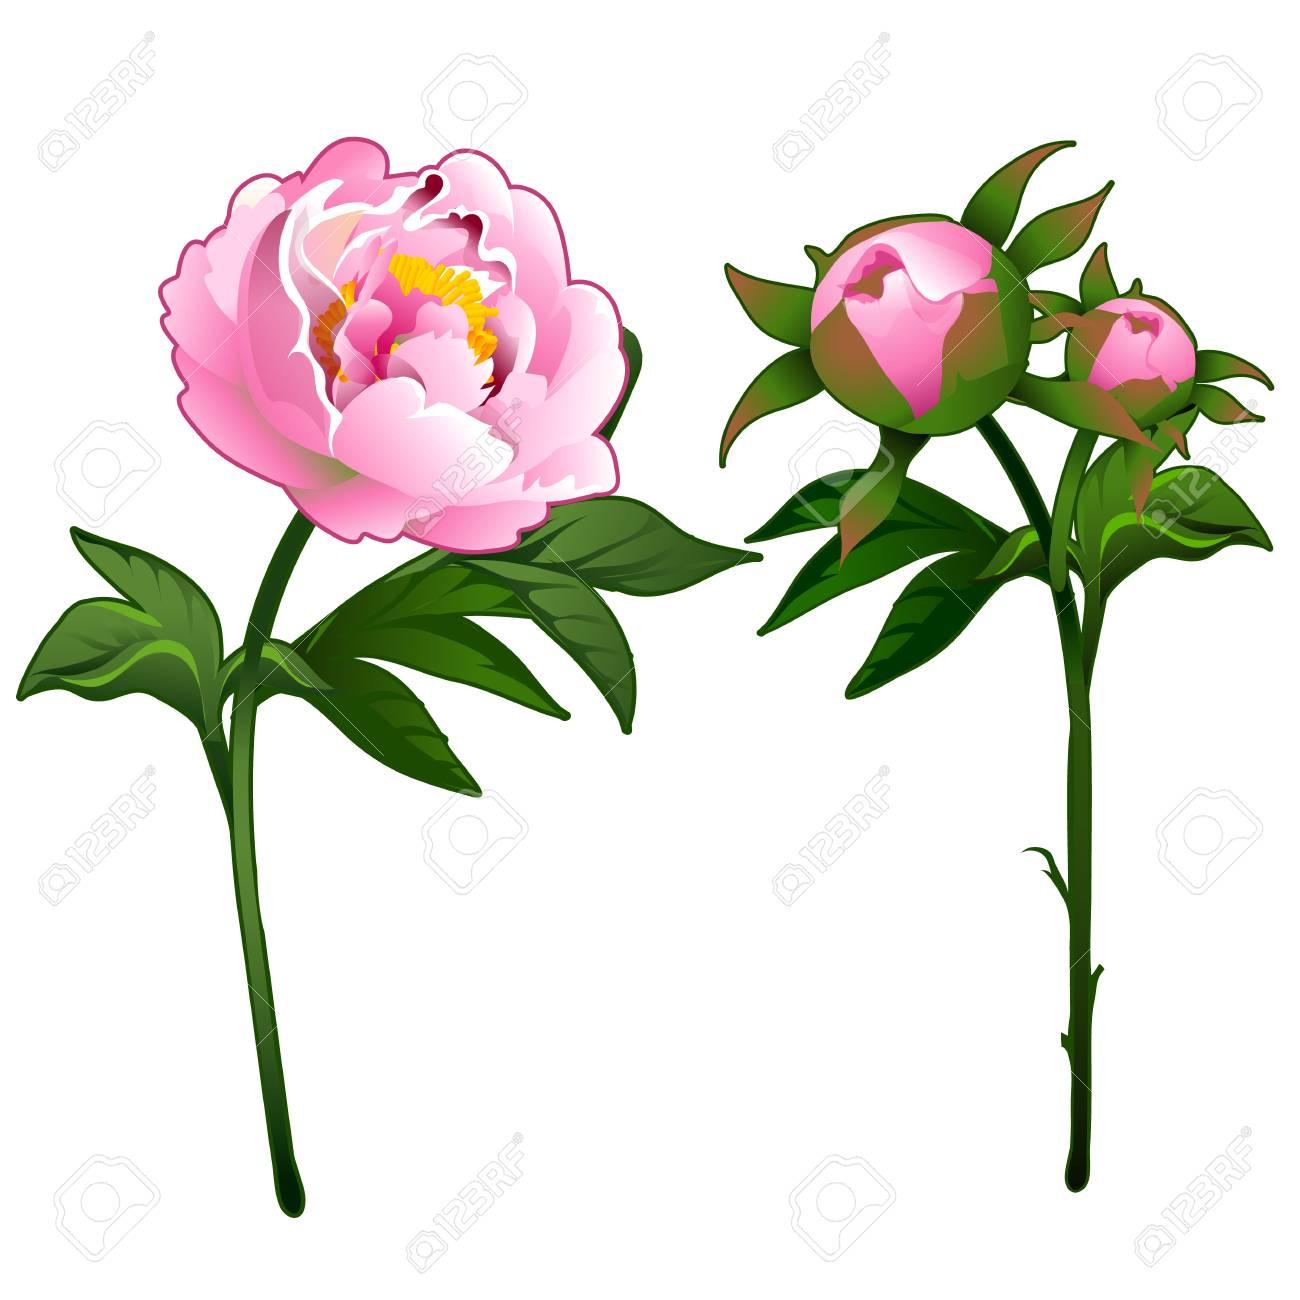 咲く牡丹と以外に咲くピンクのバ...